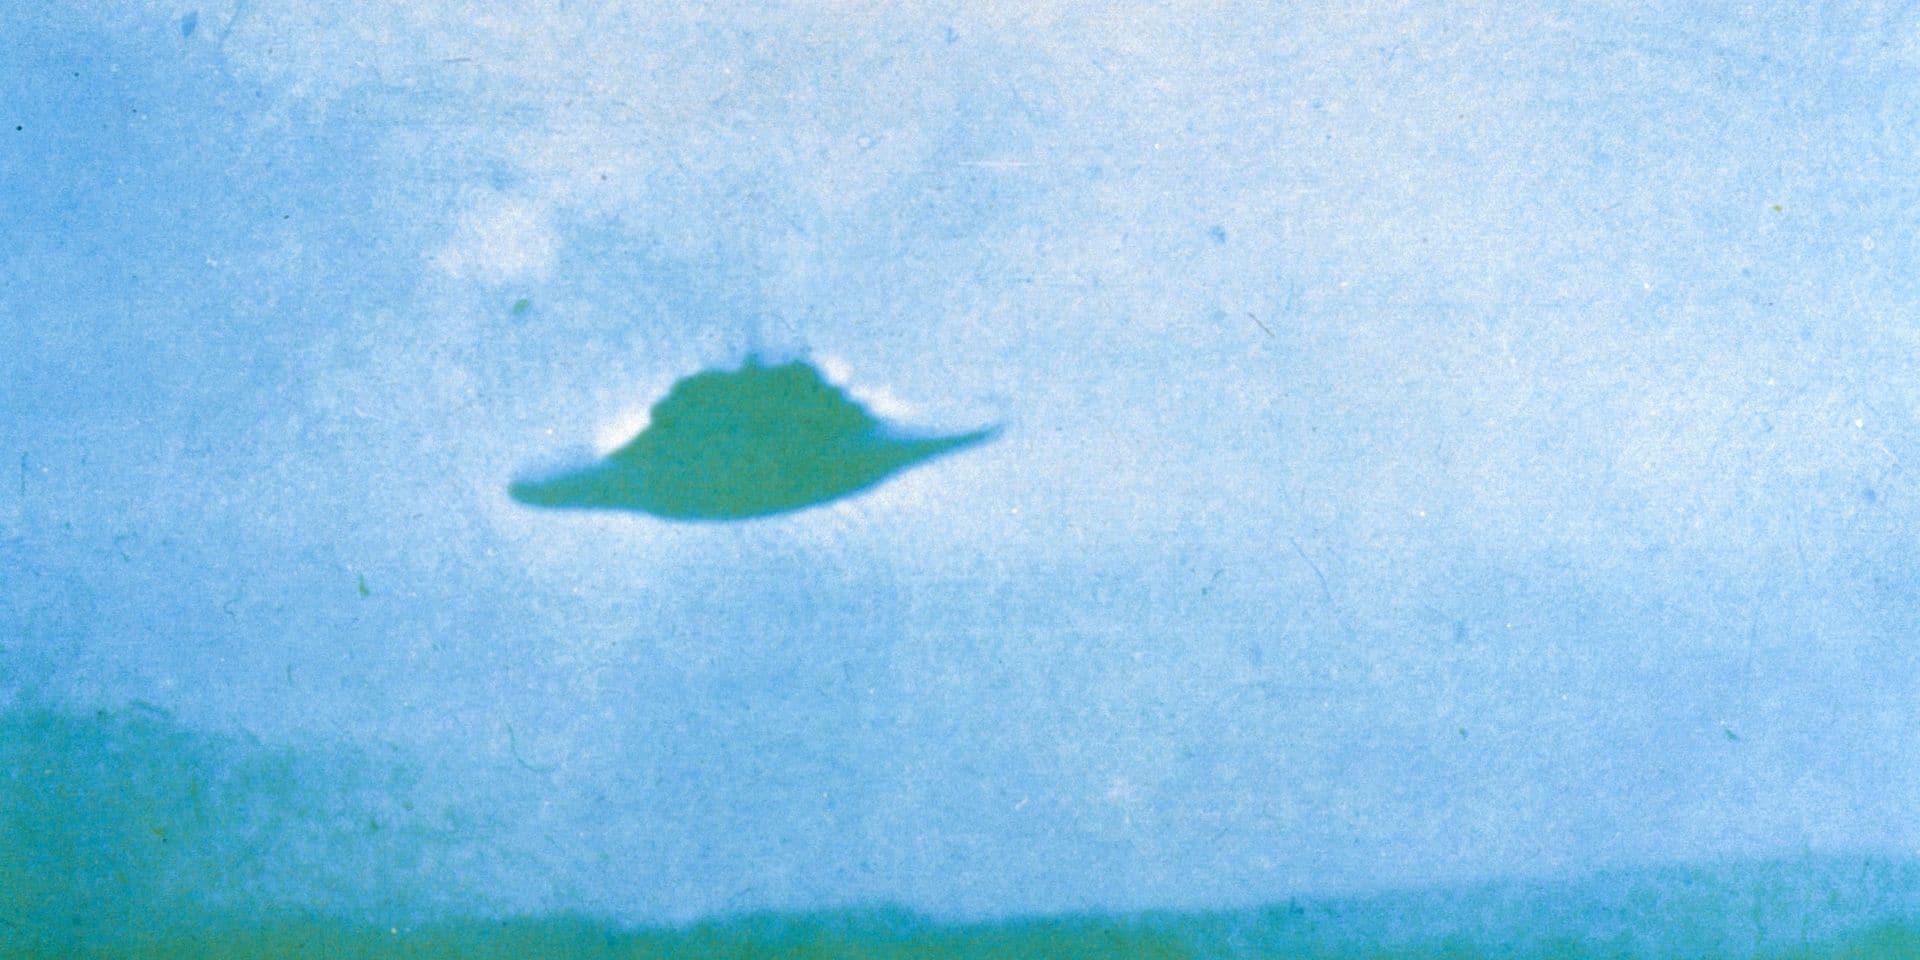 Les extraterrestres nous observent-ils? Un rapport américain sur les ovnis très attendu